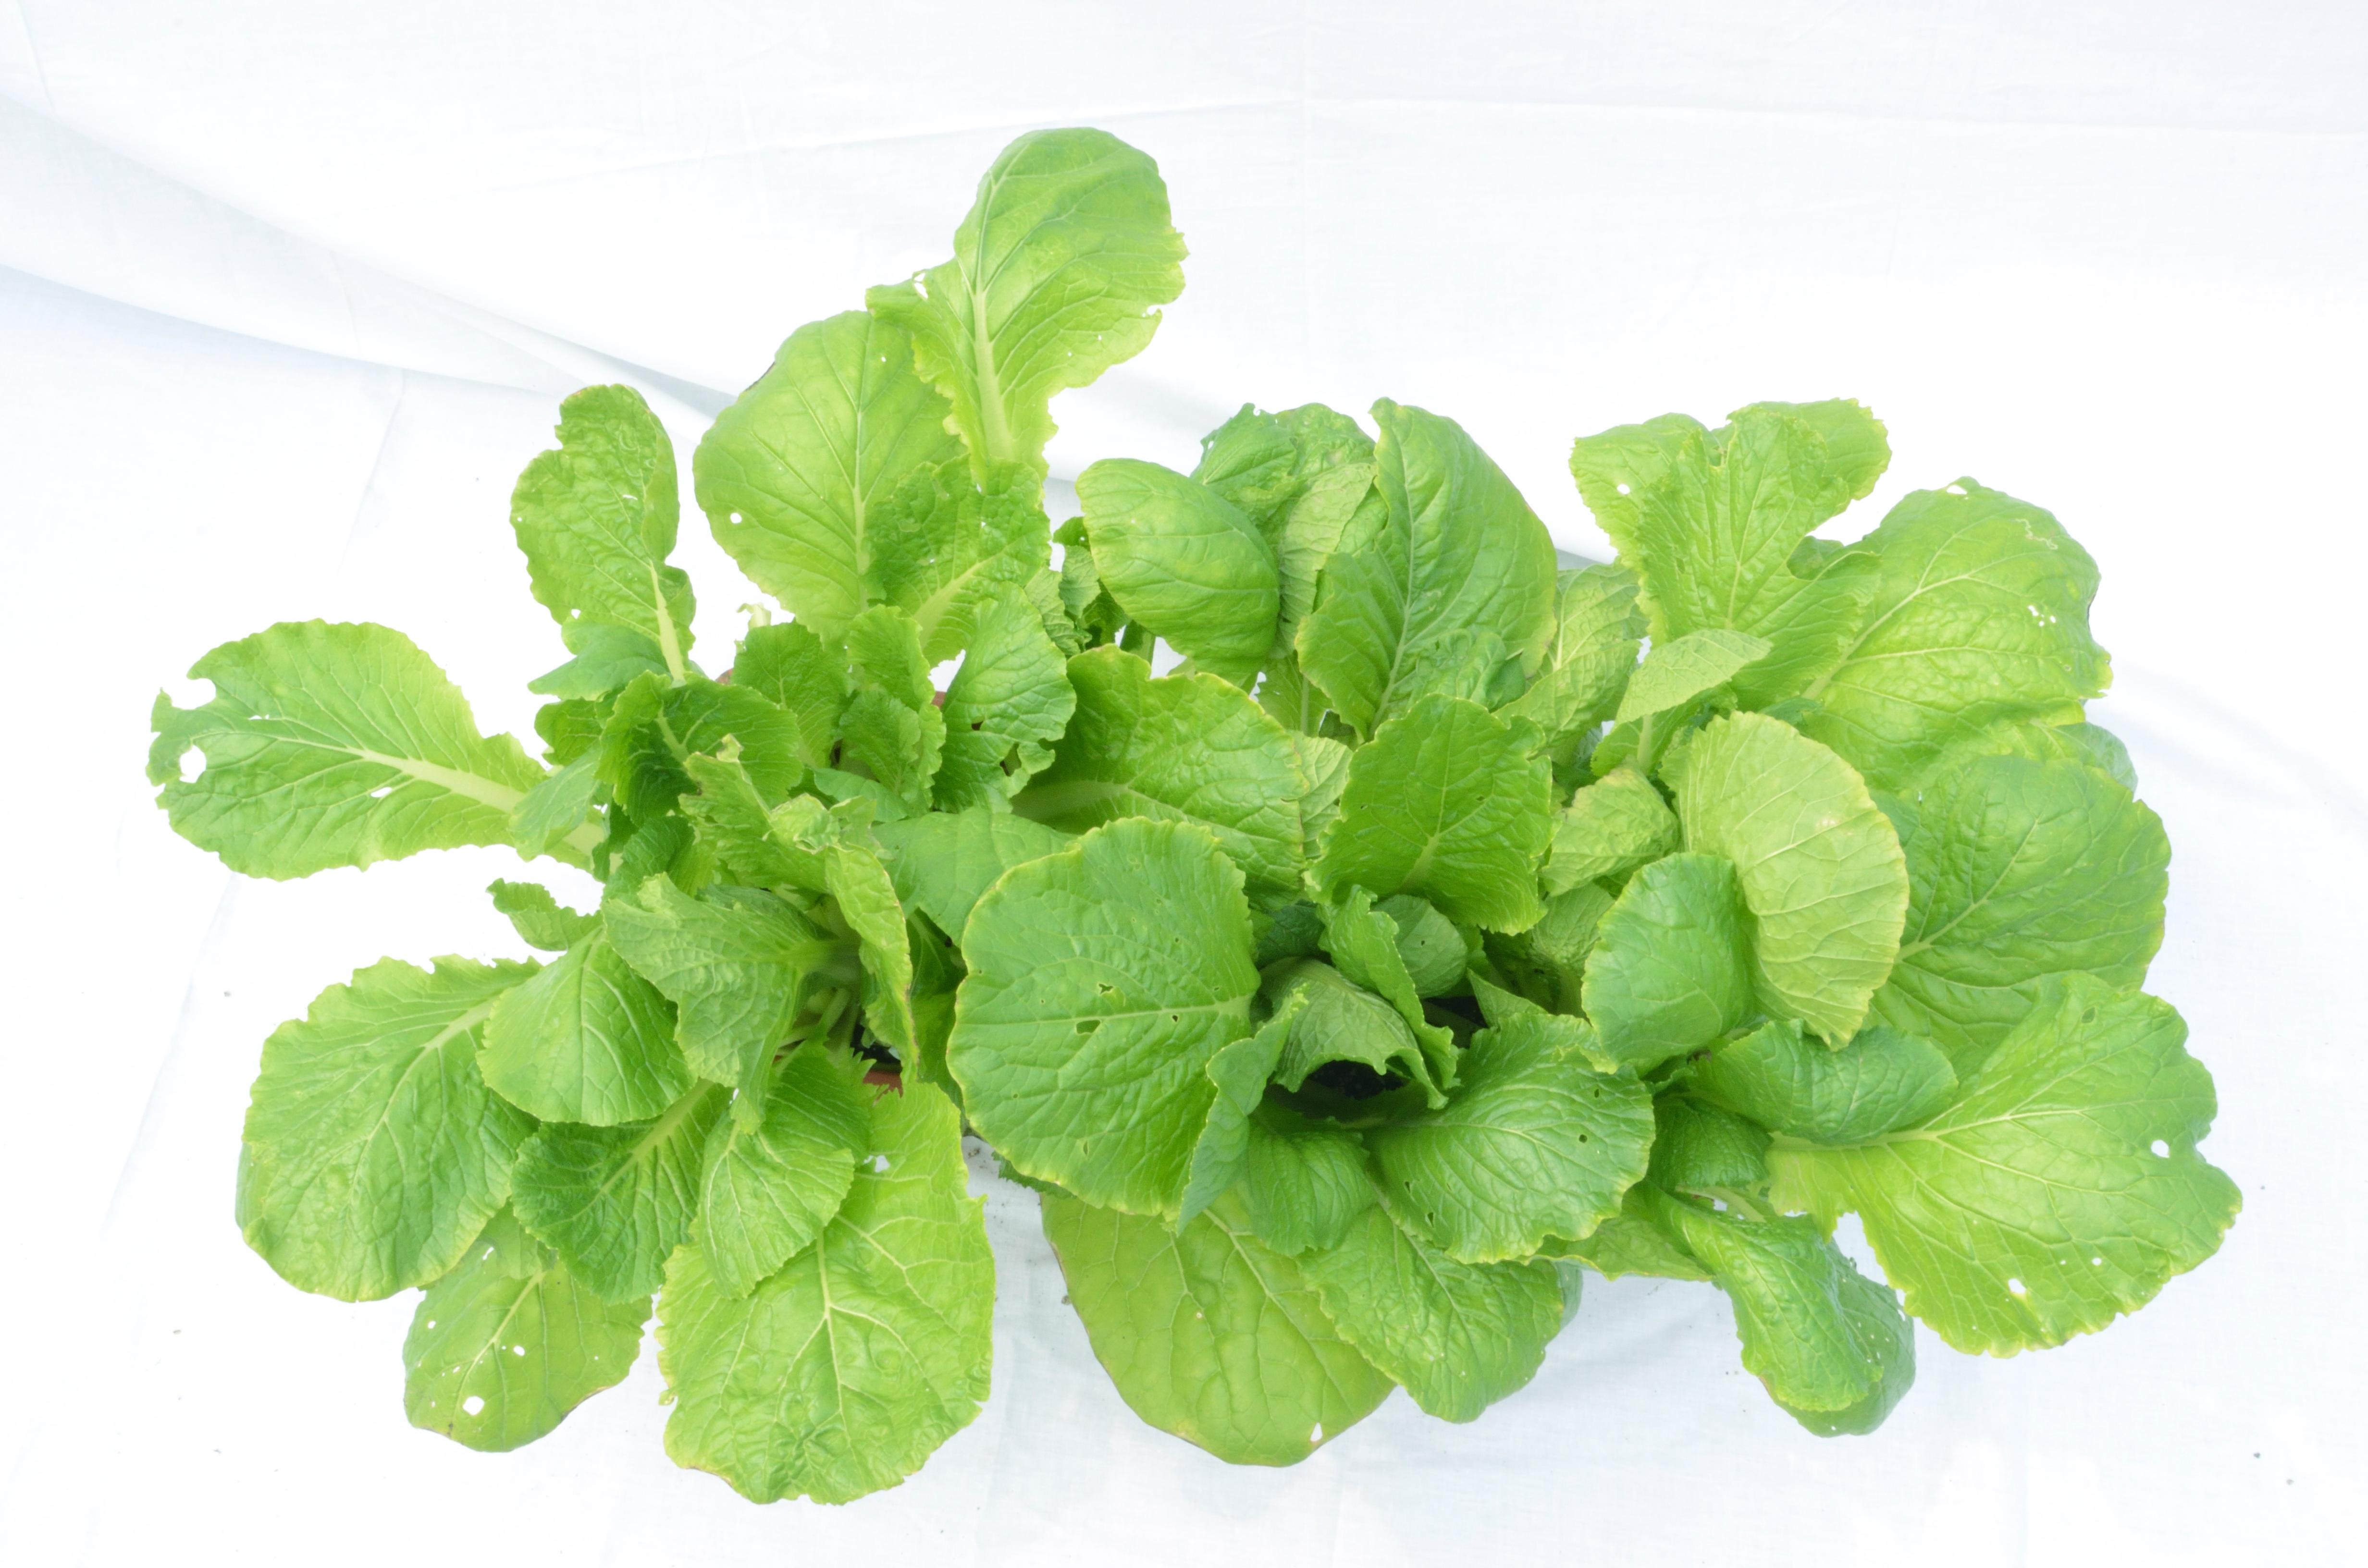 images gratuites feuille aliments vert herbe produire l gume coriandre plante fleurs. Black Bedroom Furniture Sets. Home Design Ideas